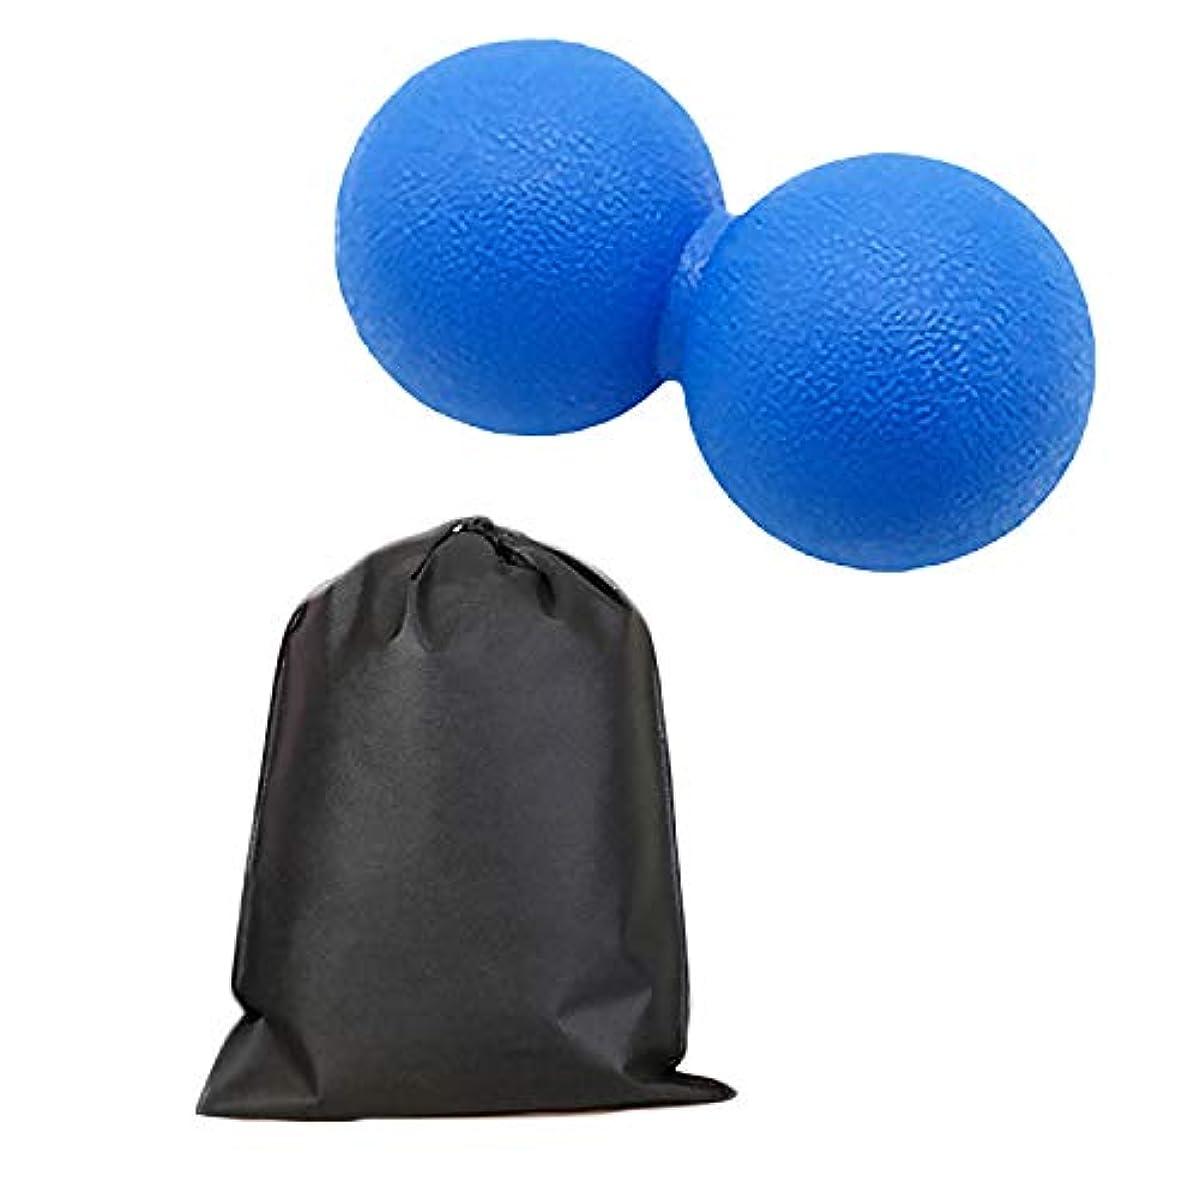 嘆くグループ回答Migavan マッサージボールローラーバックマッサージボール収納袋が付いているピーナツマッサージのローラーボールのマッサージャー